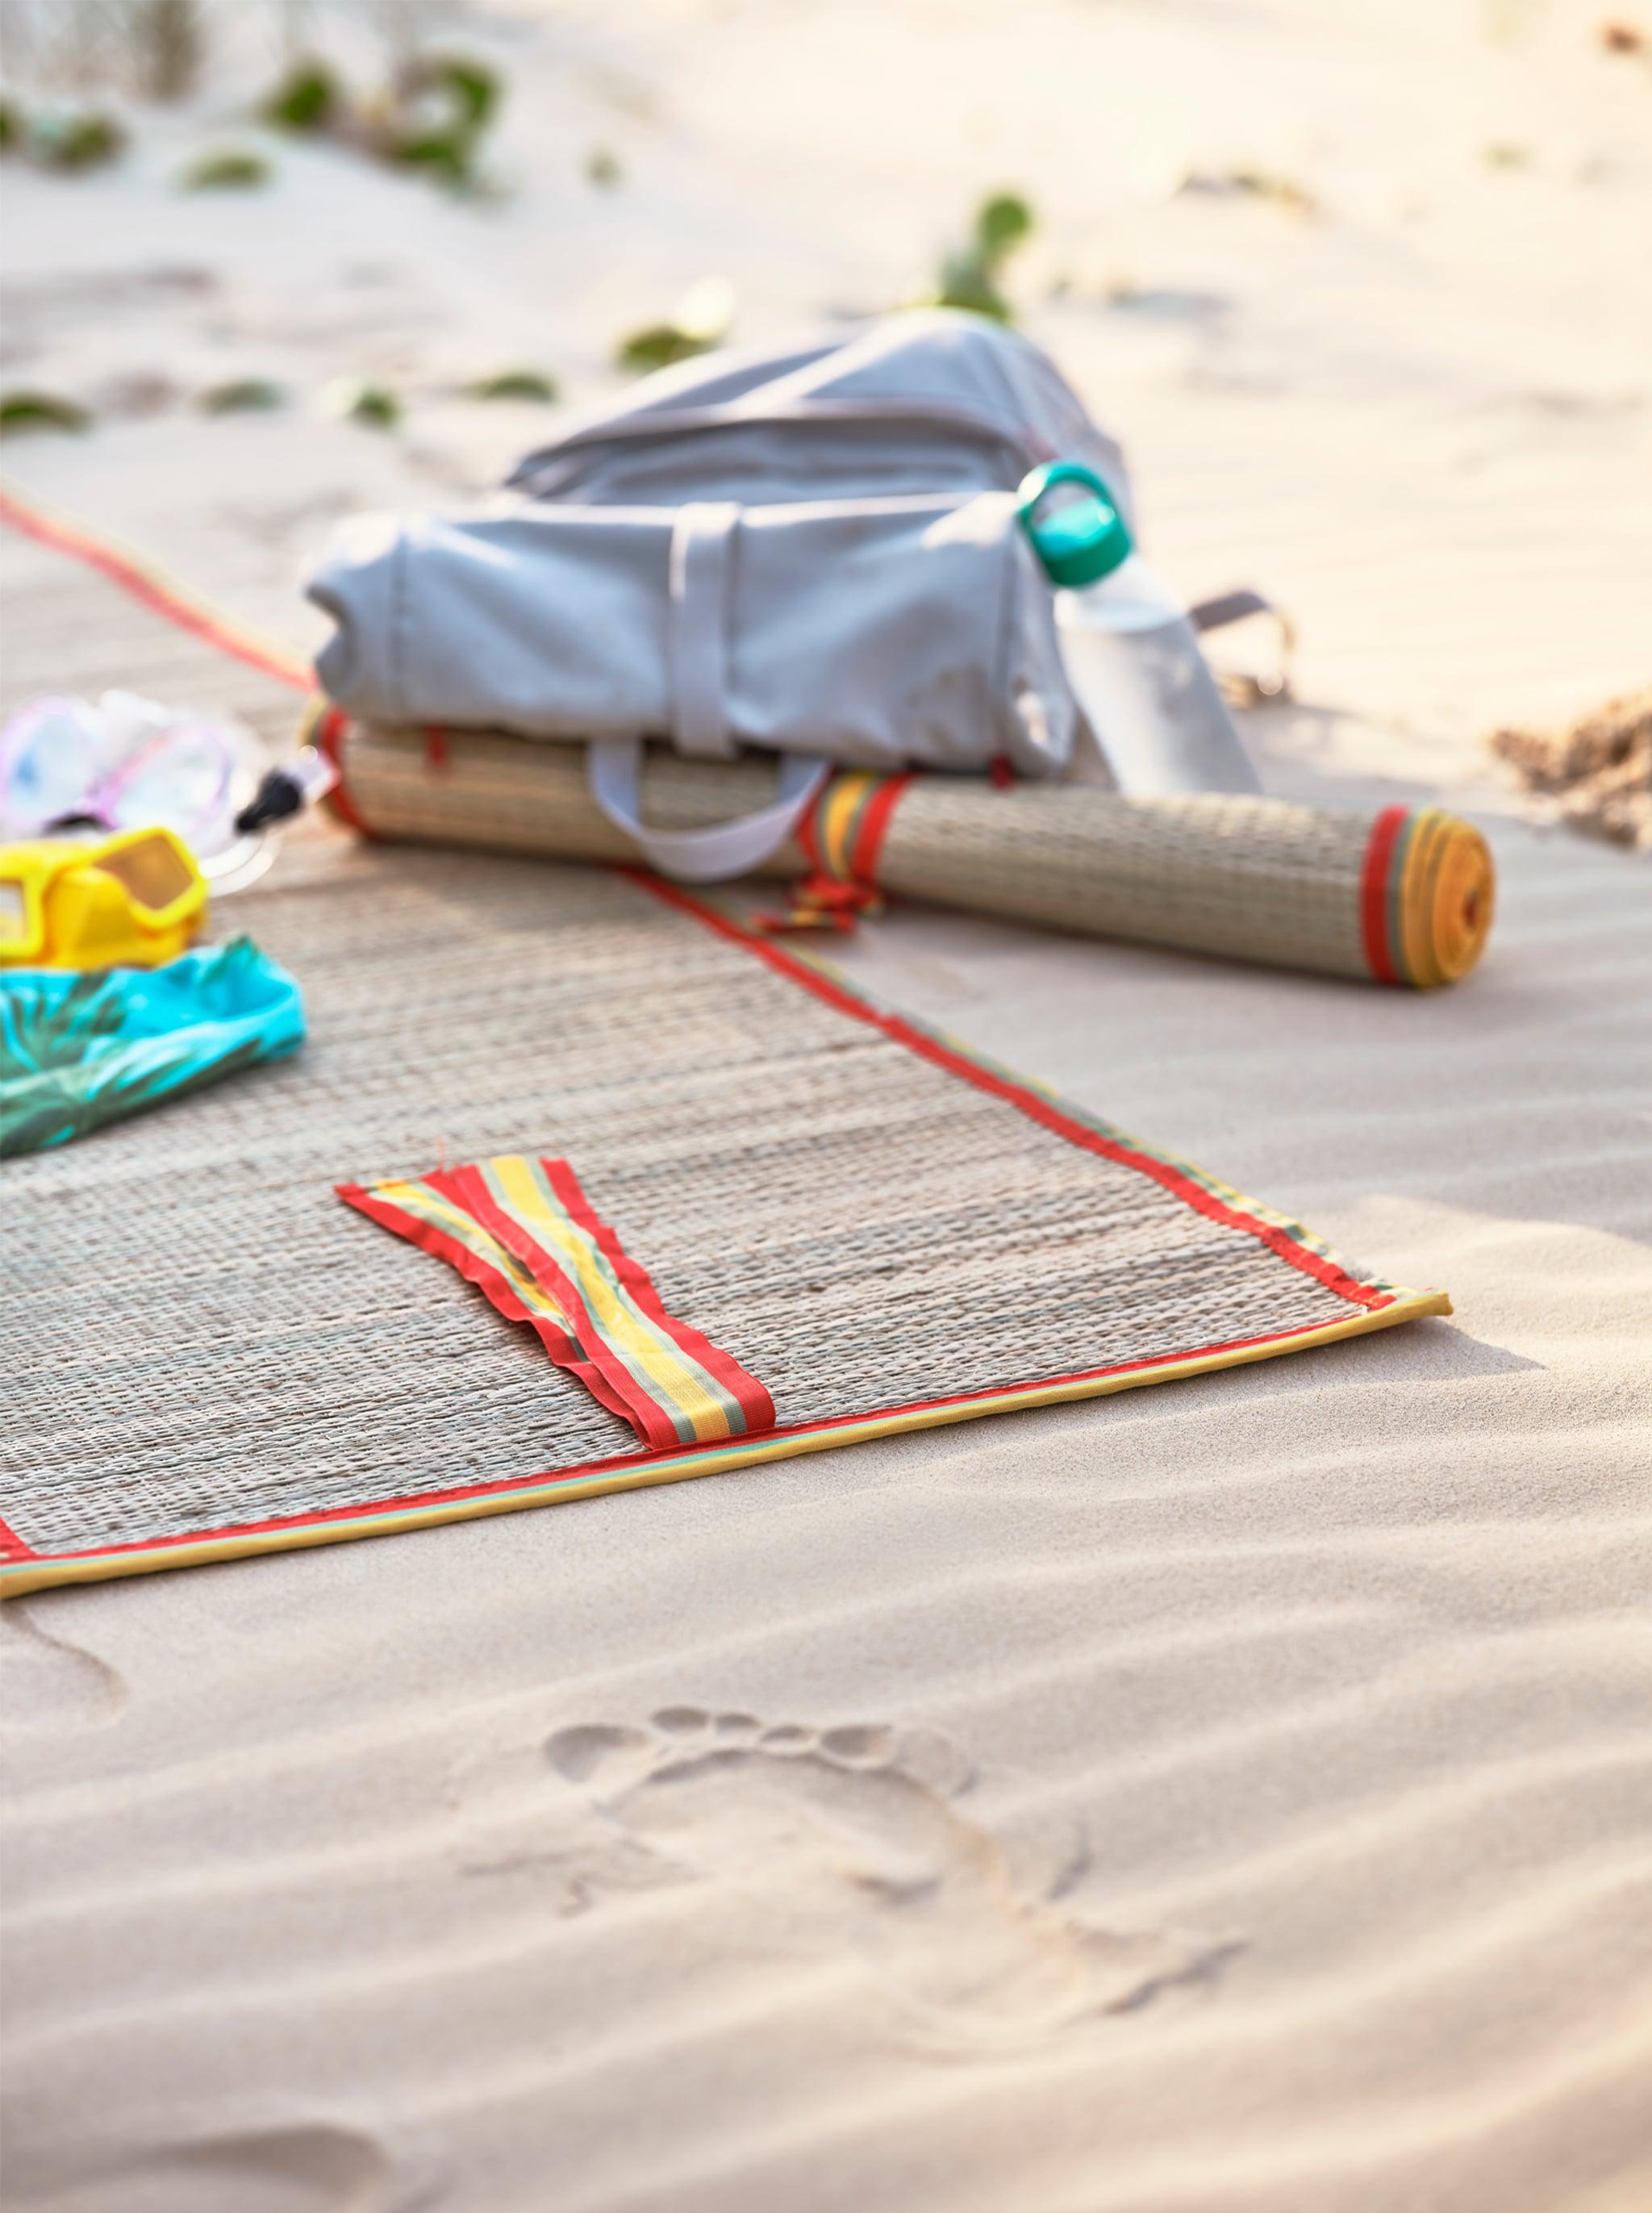 沙灘上舖上黃色和橙色飾邊的編織沙灘墊,旁邊有一個淺灰色背囊。